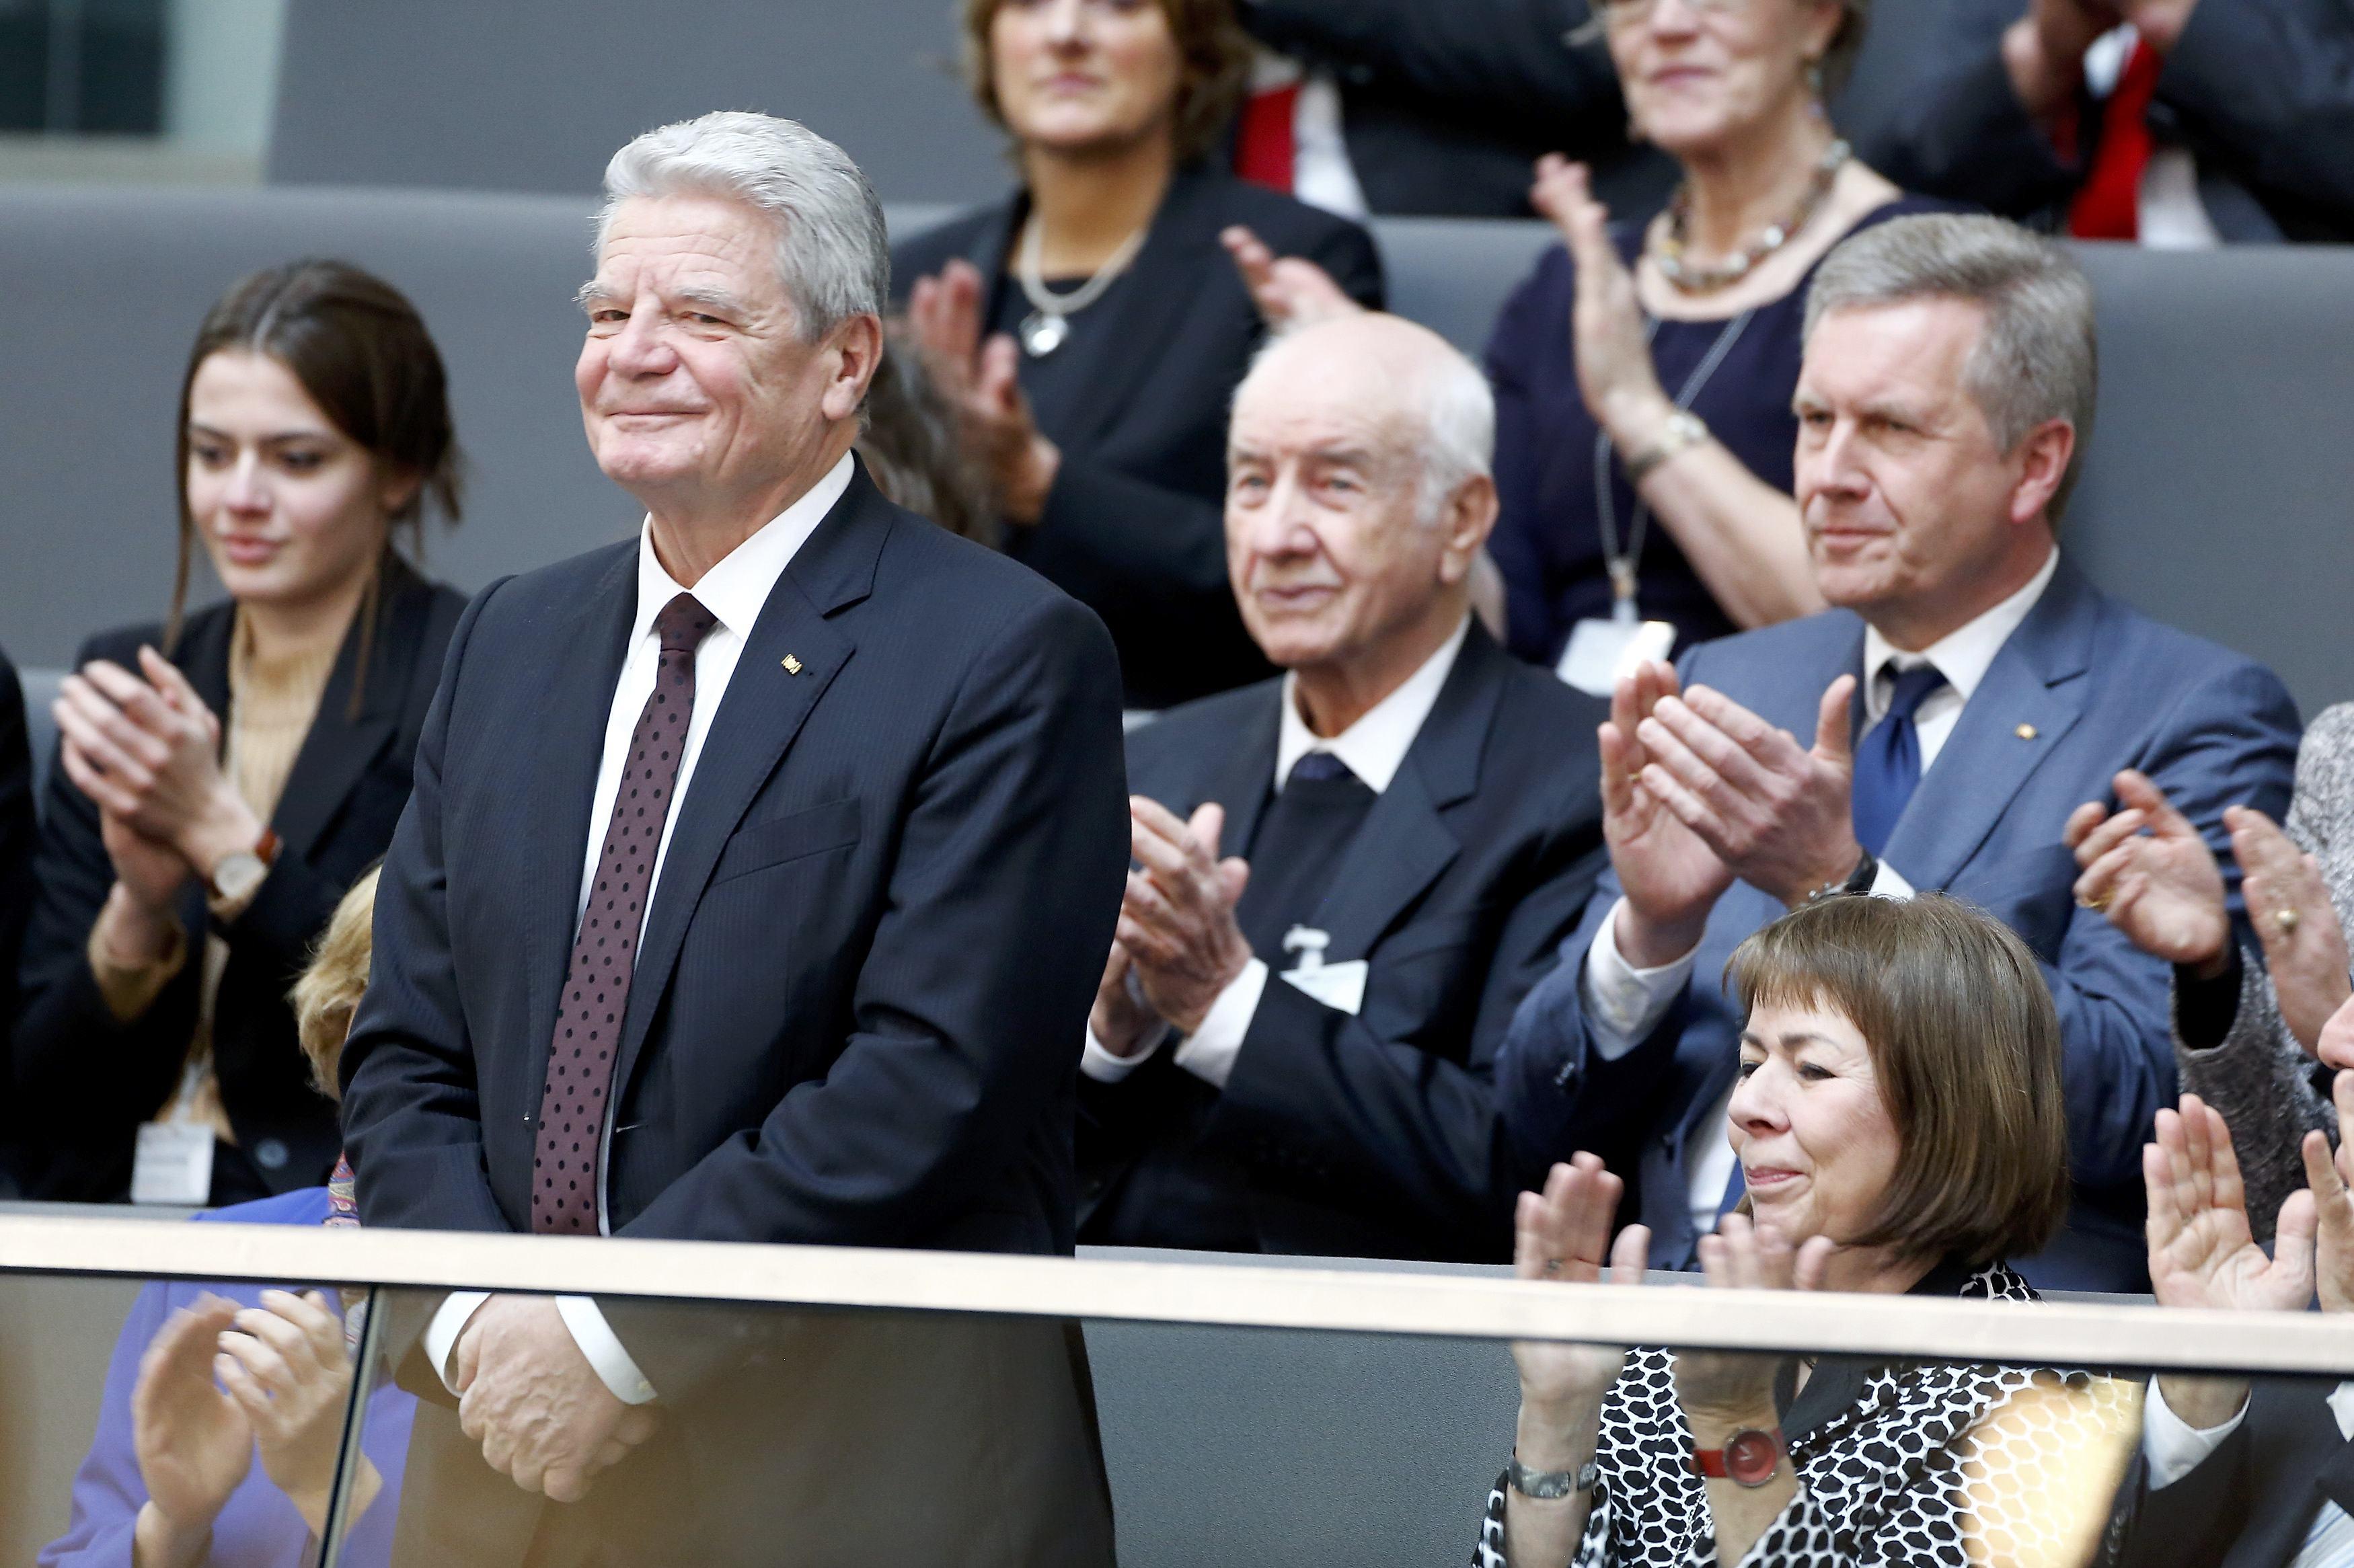 الرئيس الألماني يواخيم جاوك المنتهية ولايته يحضر التصويت